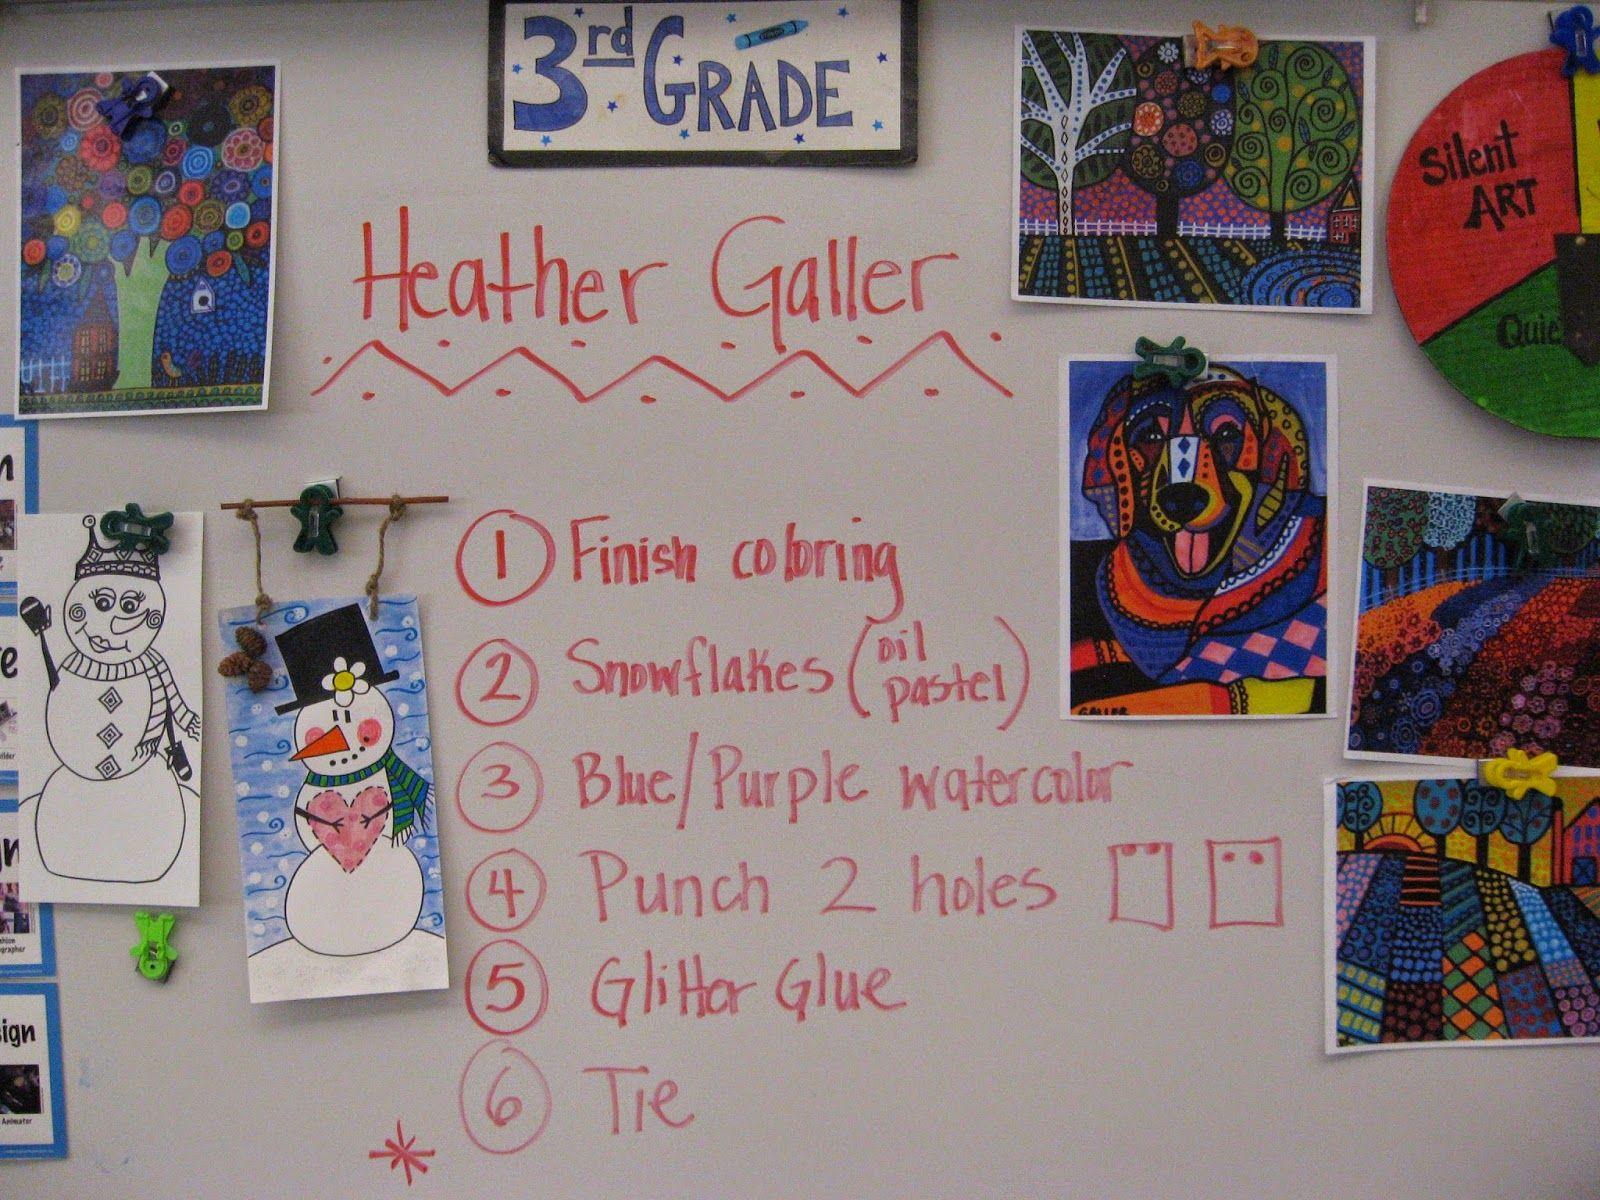 Jamestown Elementary Art Blog 3rd Grade Heather Galler